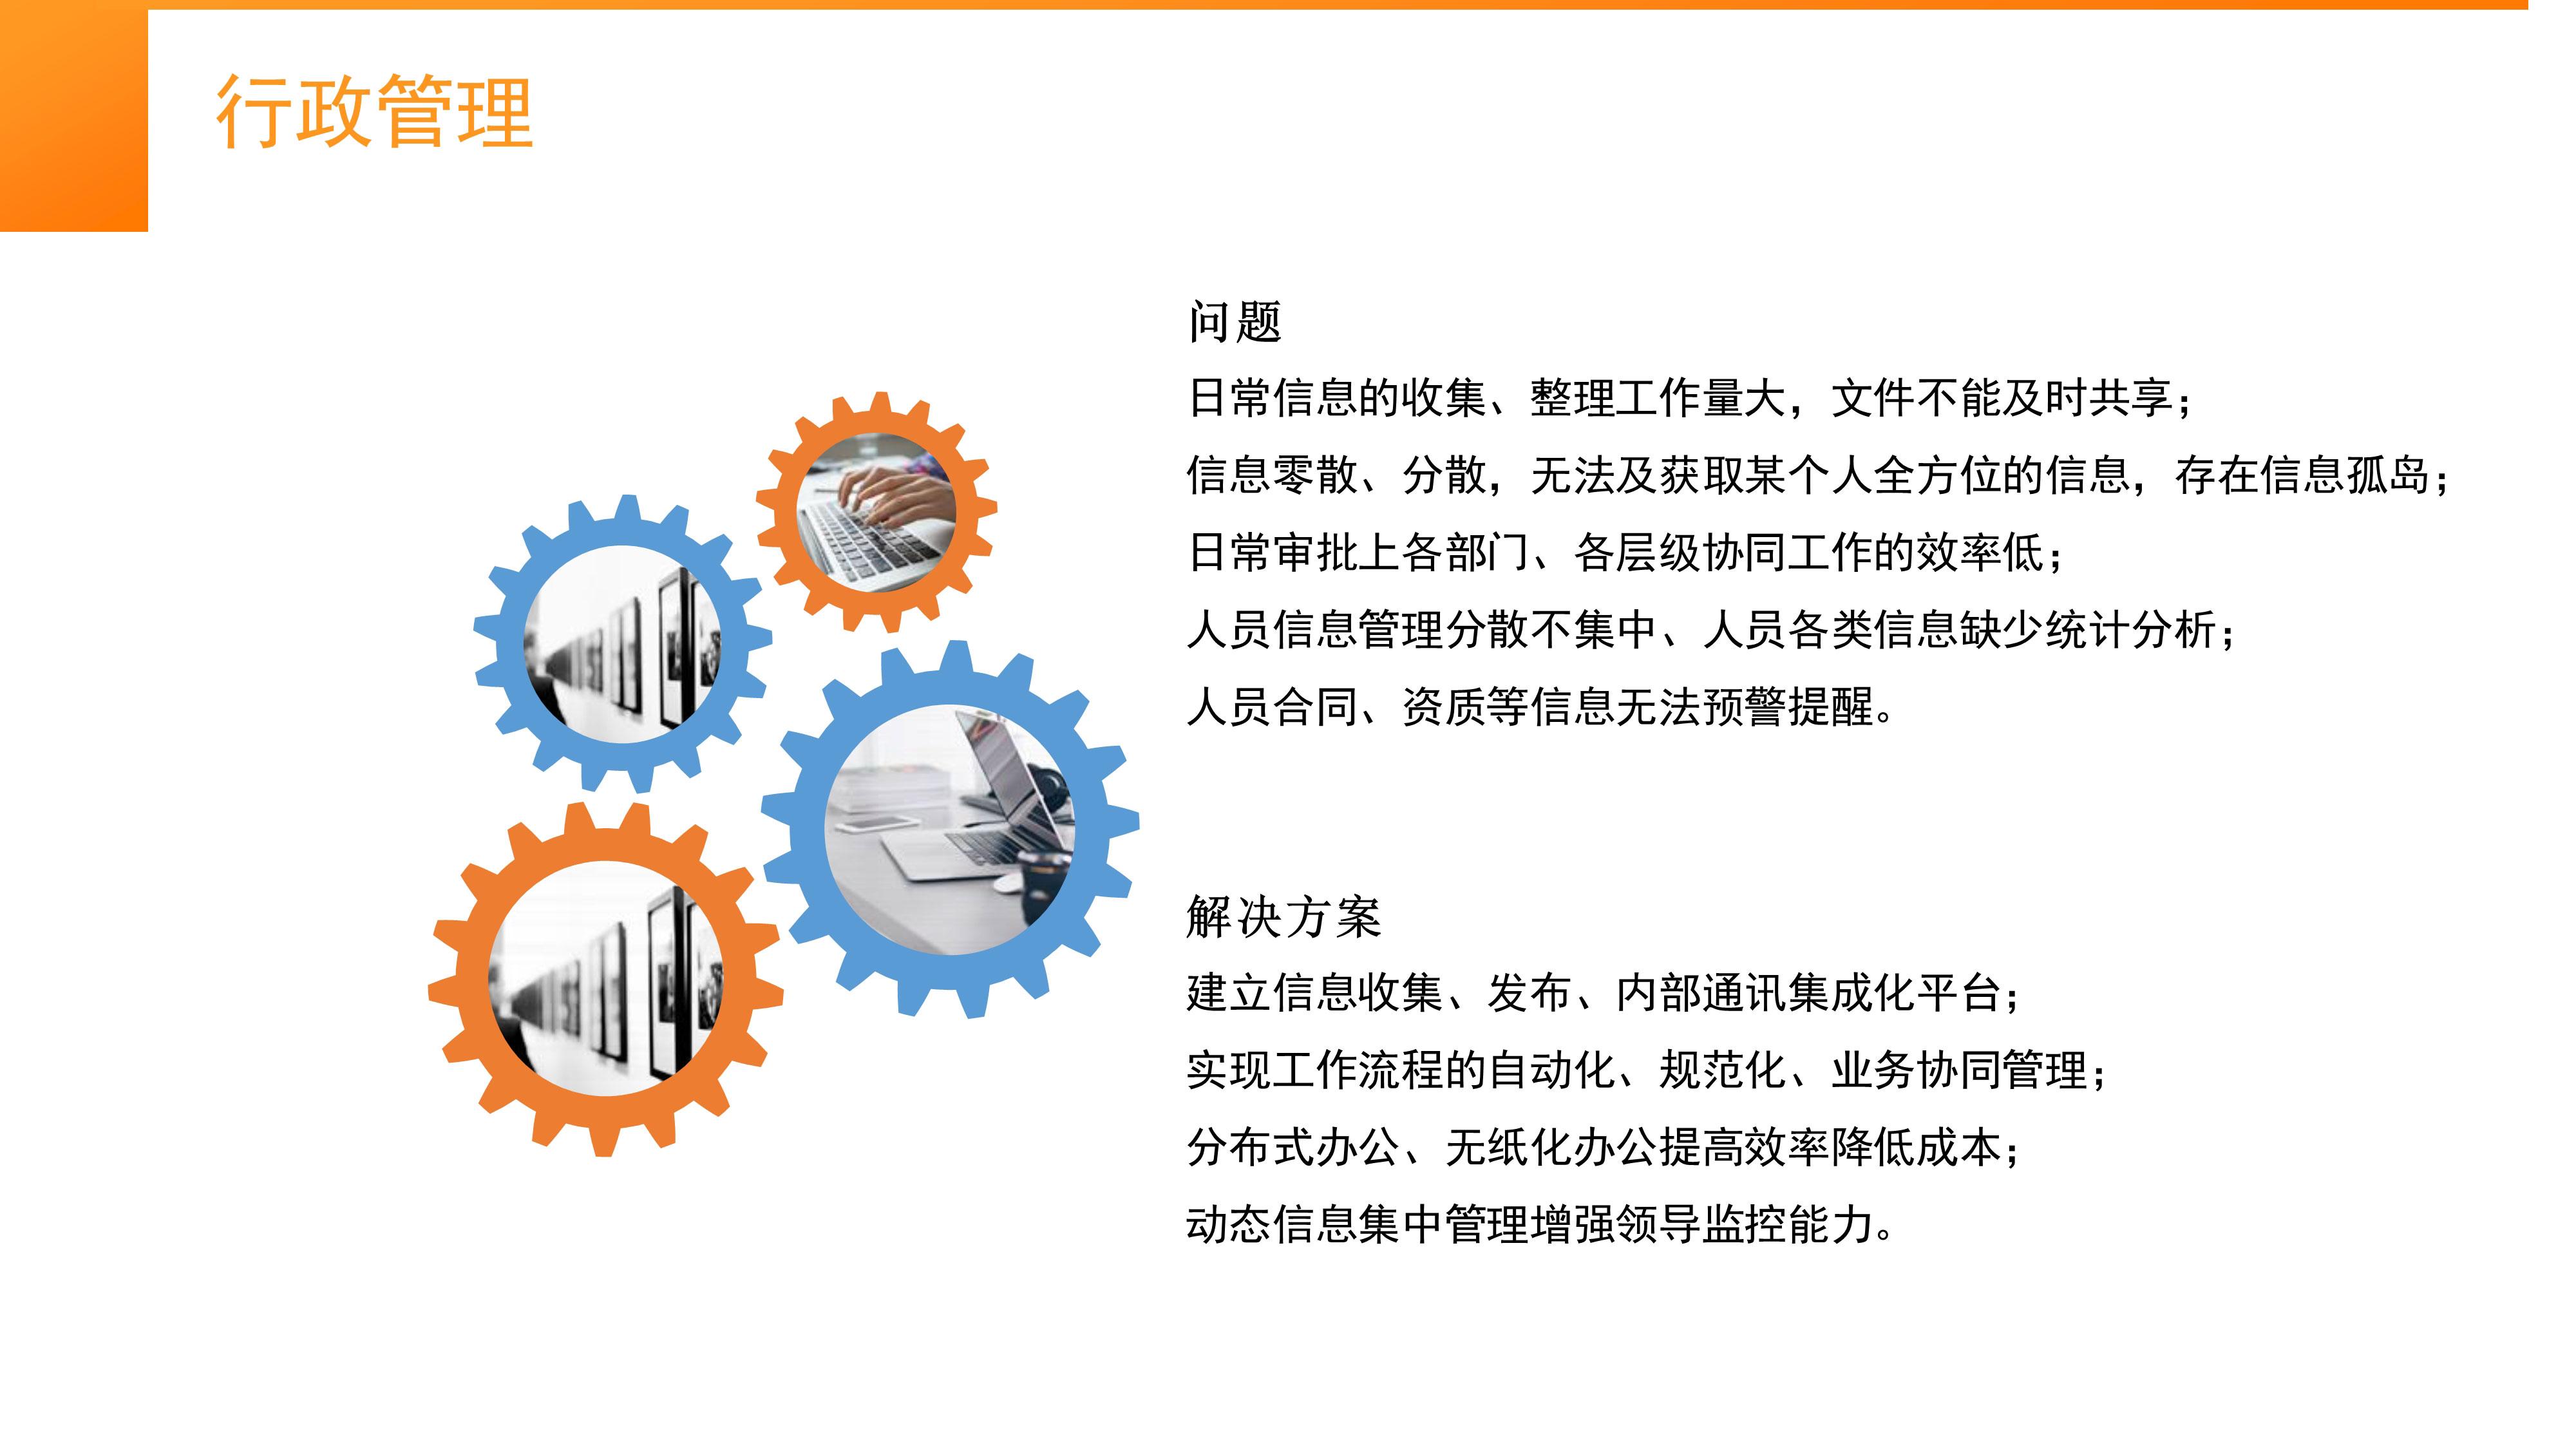 013011343503_0信天使综合信息管理系统旗舰版_10.jpg